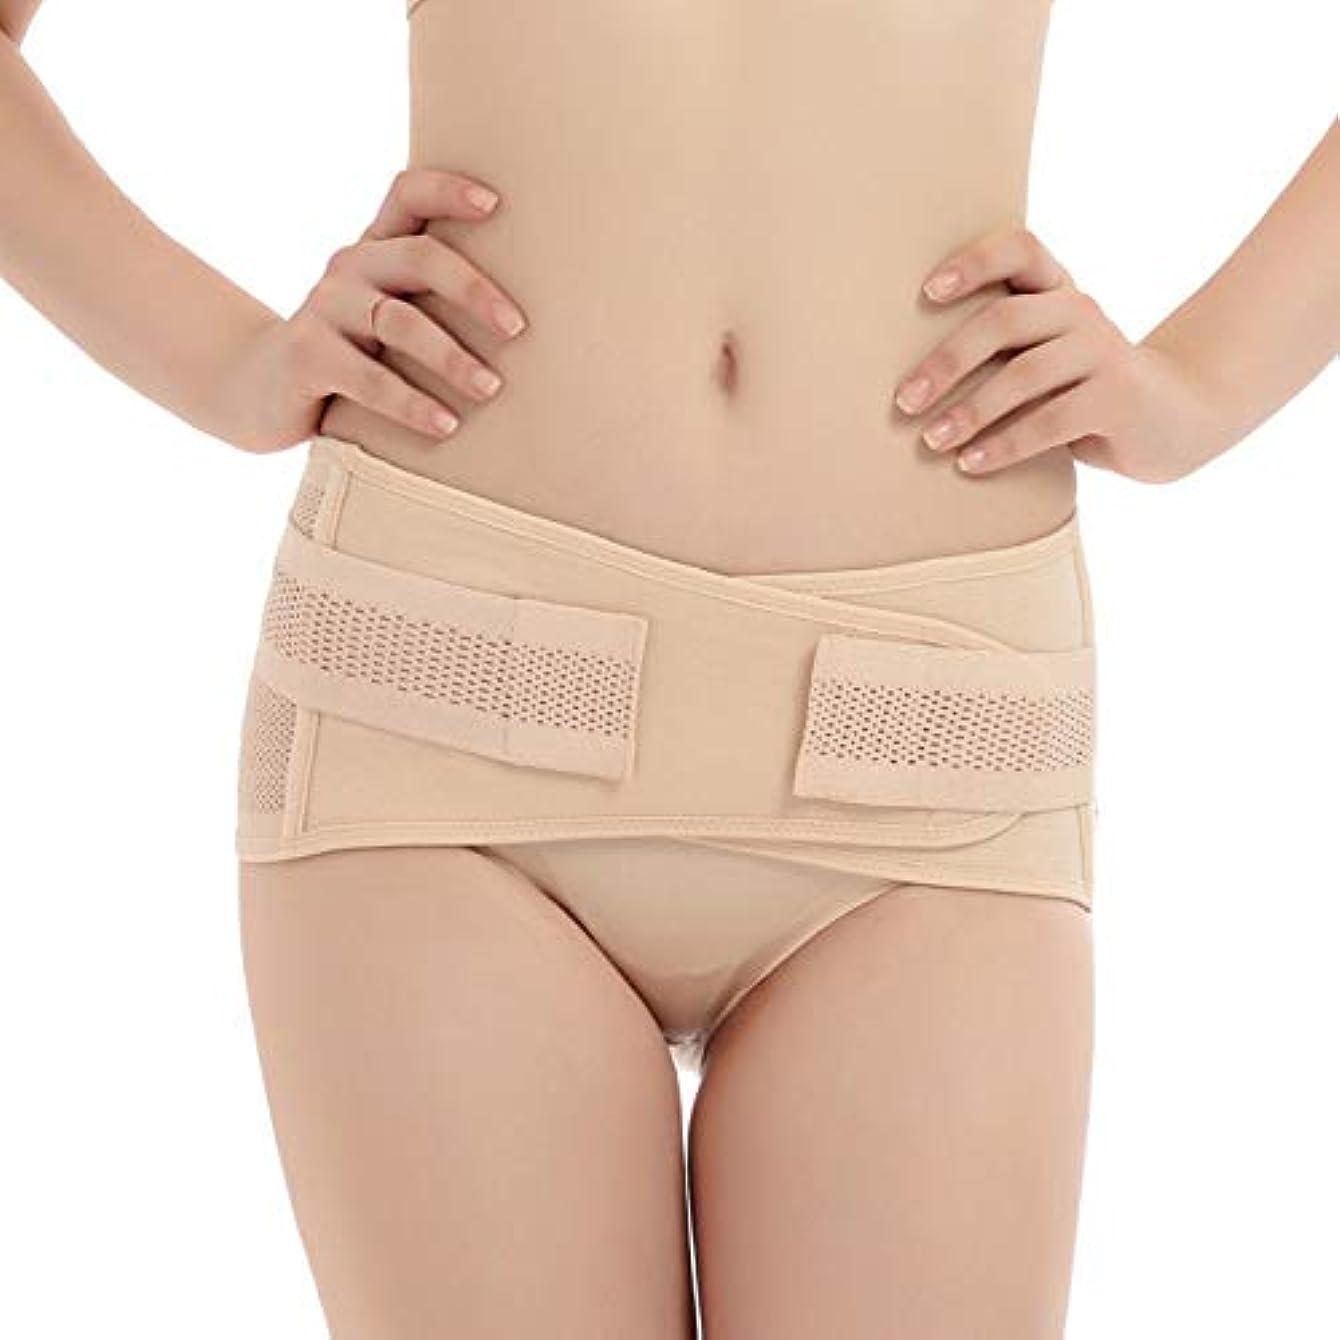 ブリッジ水医療過誤CoolTack  妊娠中の女性産後骨盤正しいベルト腹巻き取り骨盤骨盤整形外科用ベルト